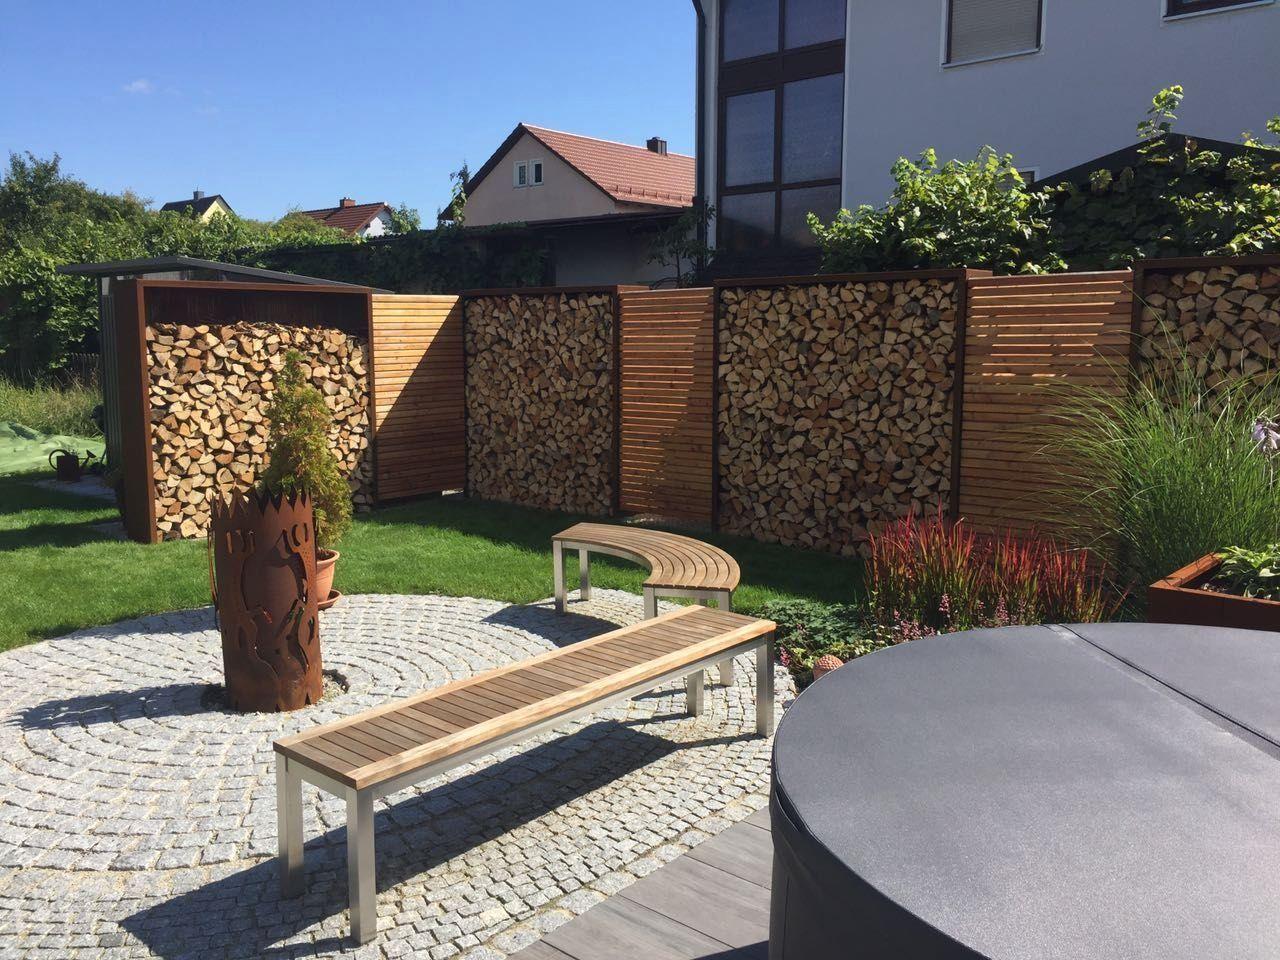 Wohnraum Garten Liguna Holzlager Aus Cortenstahl In Kombination Mit Larche Rom Modern Design Backyard Fence Decor Fence Design Fence Decor